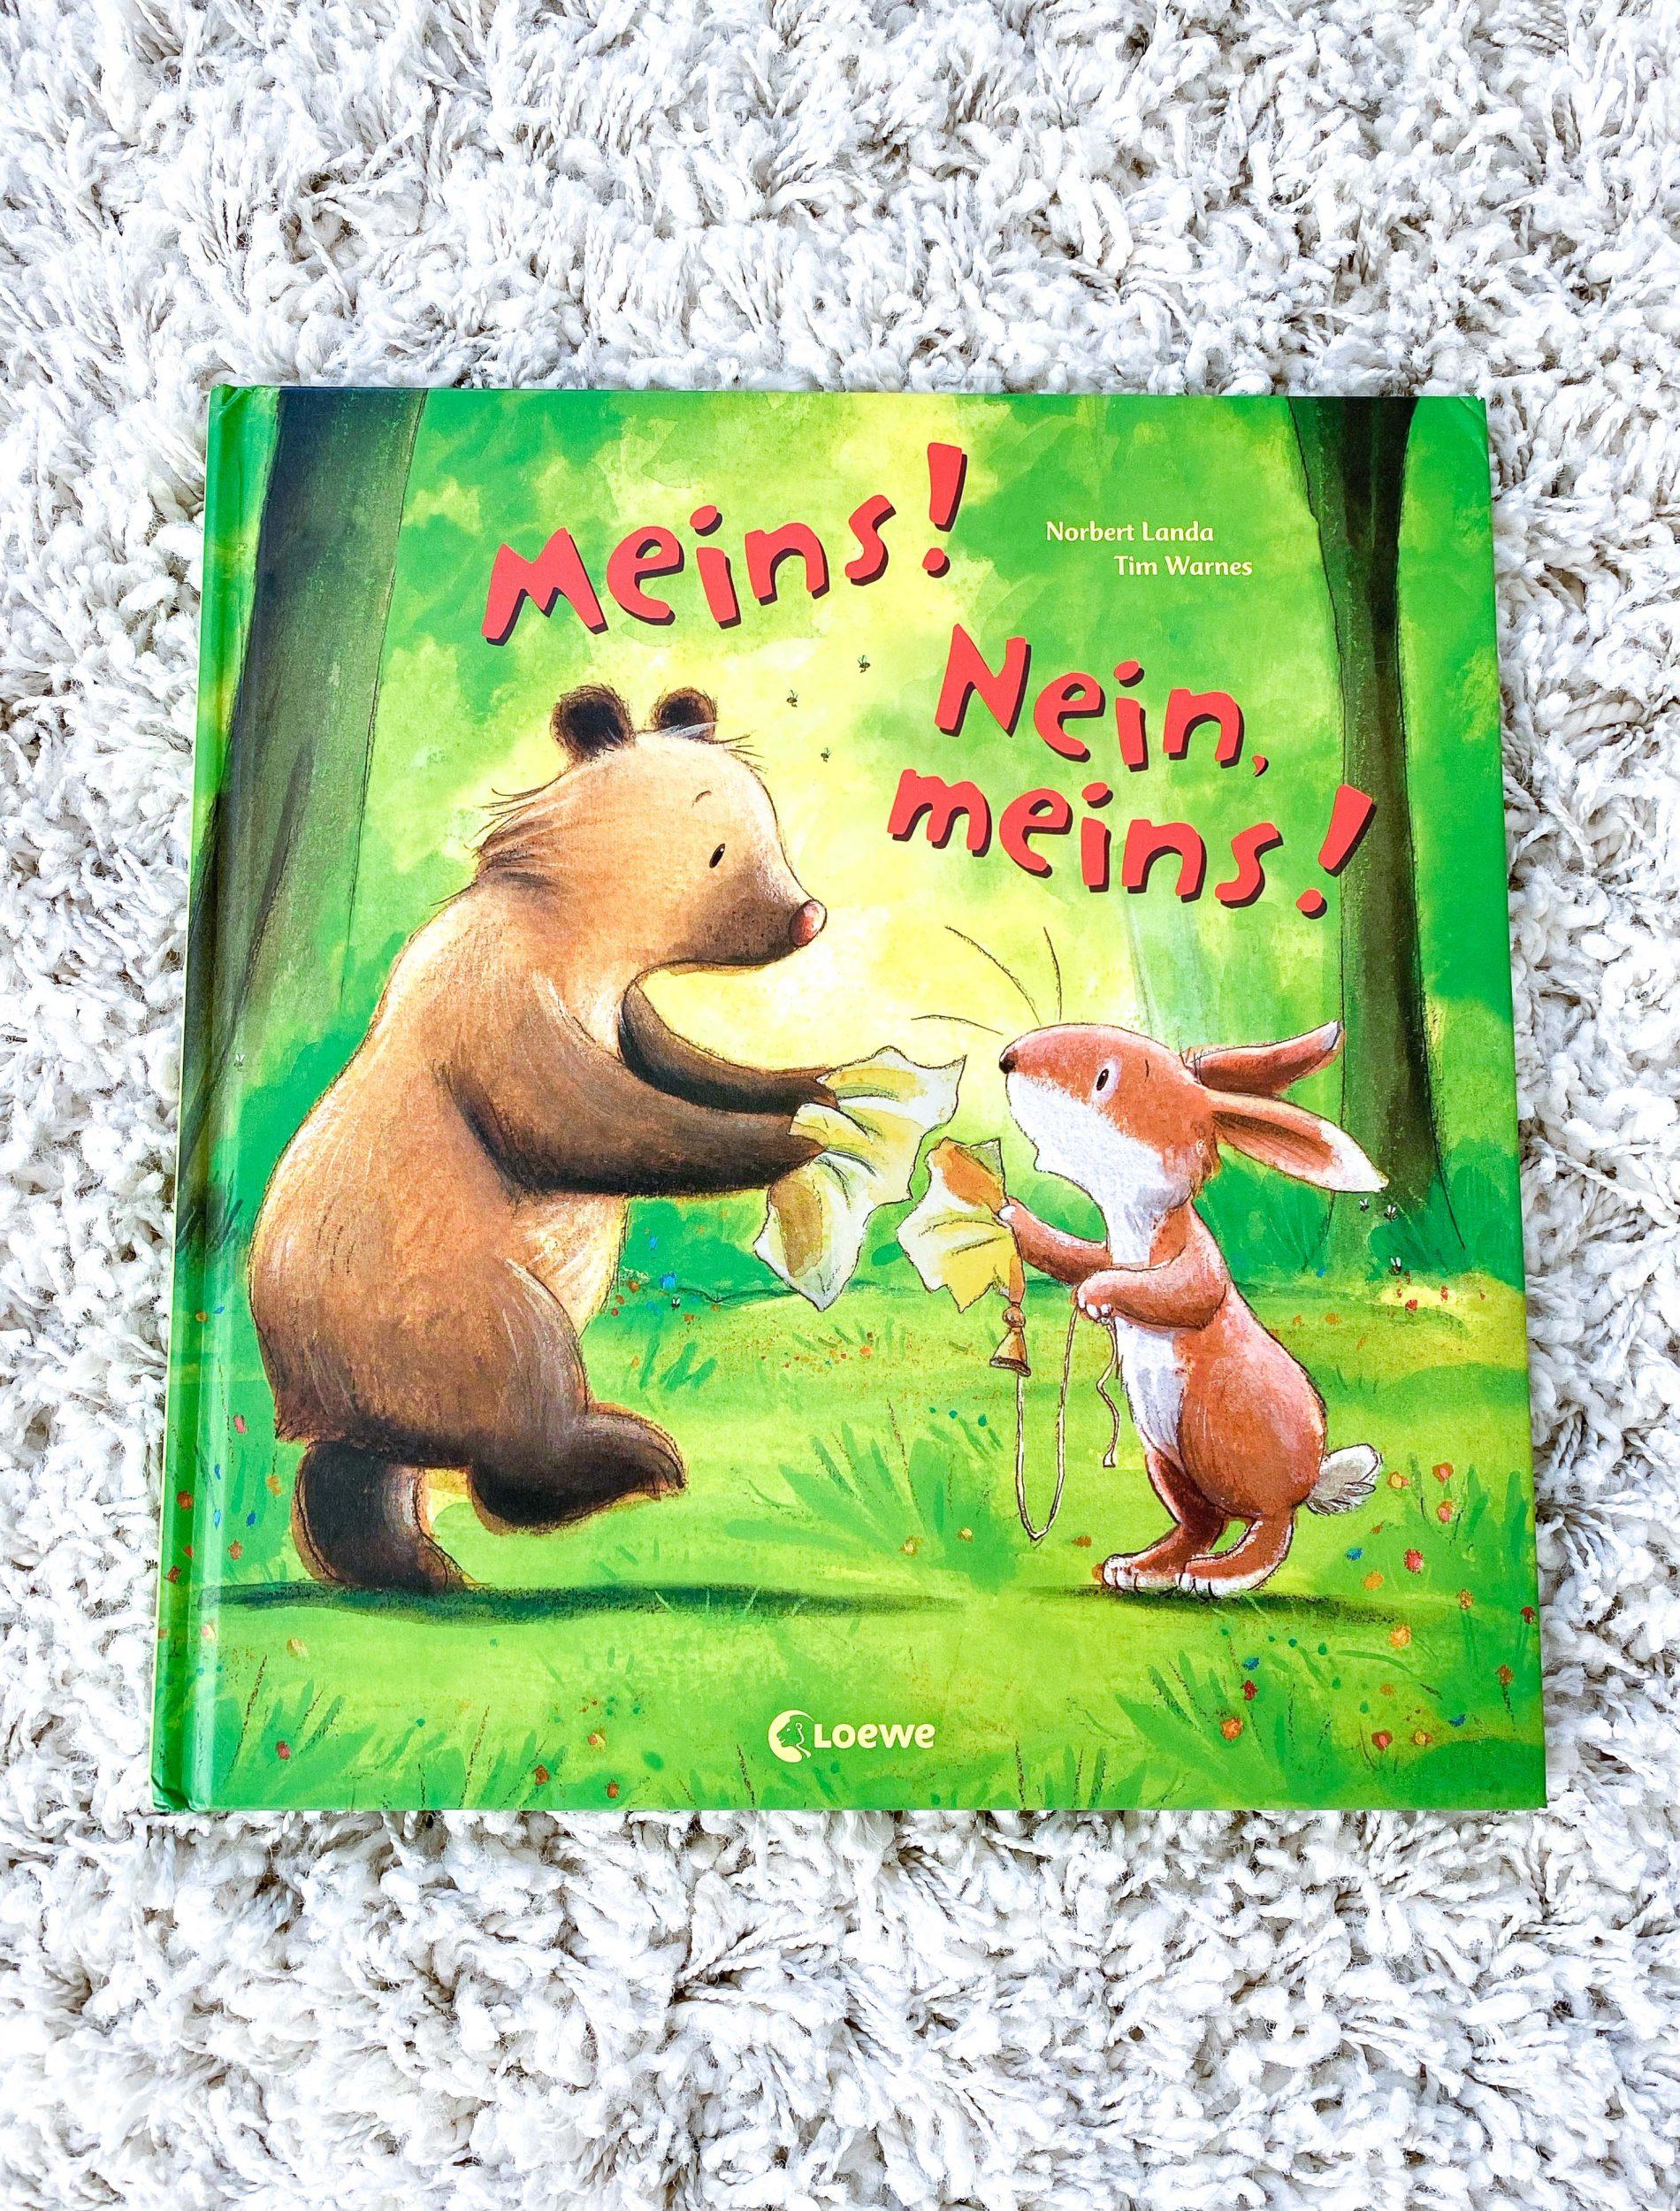 Meins! Nein, meins! Norbert Landa und Tim Warnes